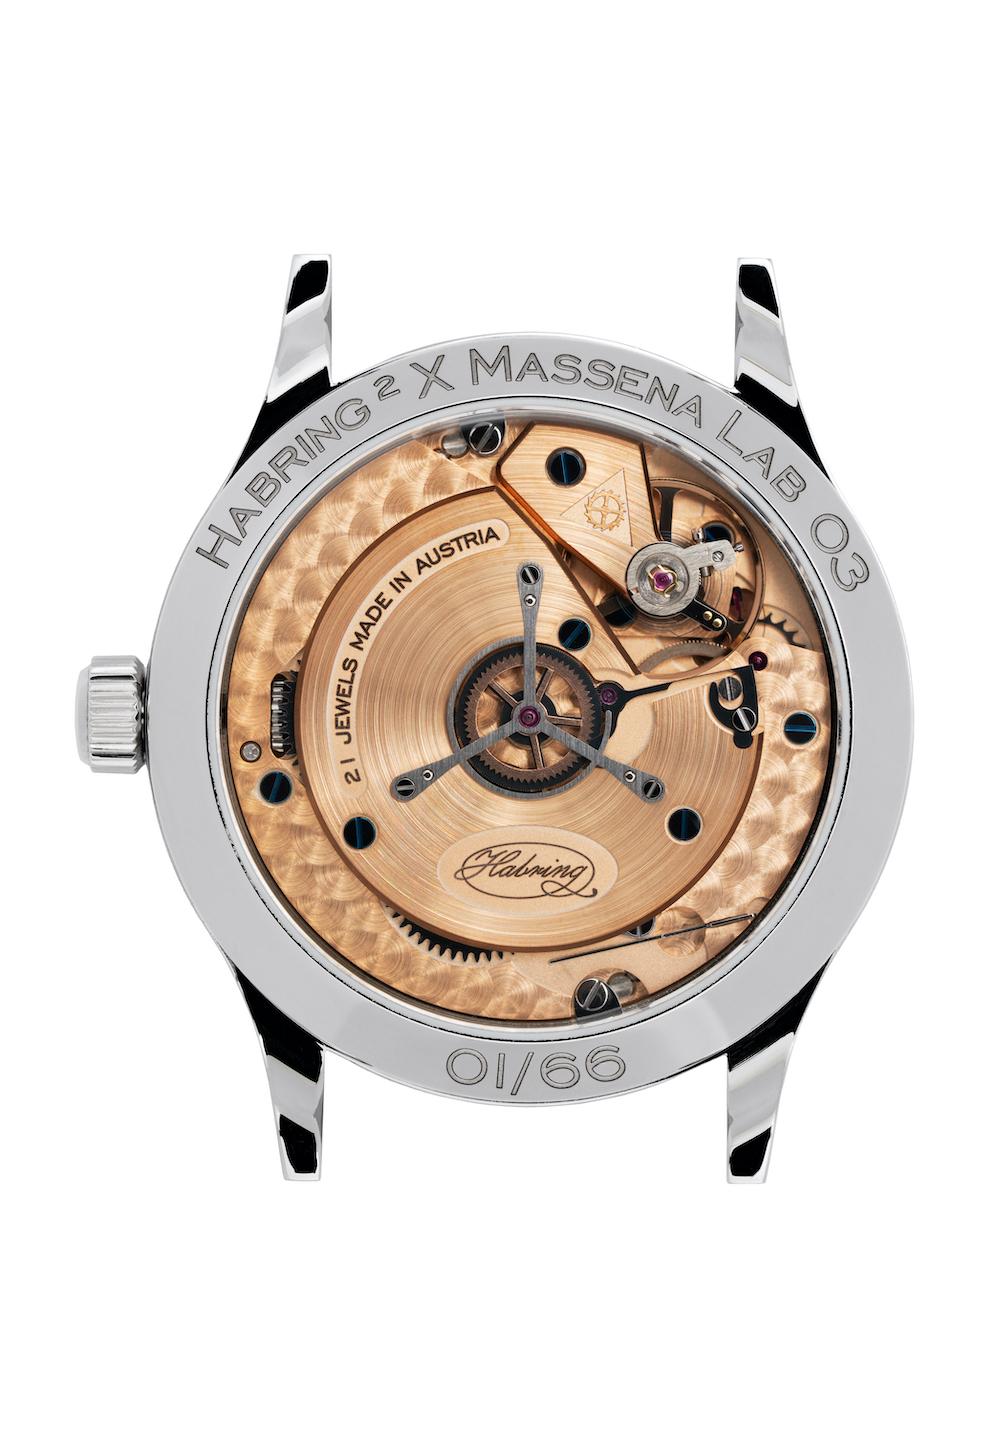 HSNY Develops Chronometer Certification Program in America